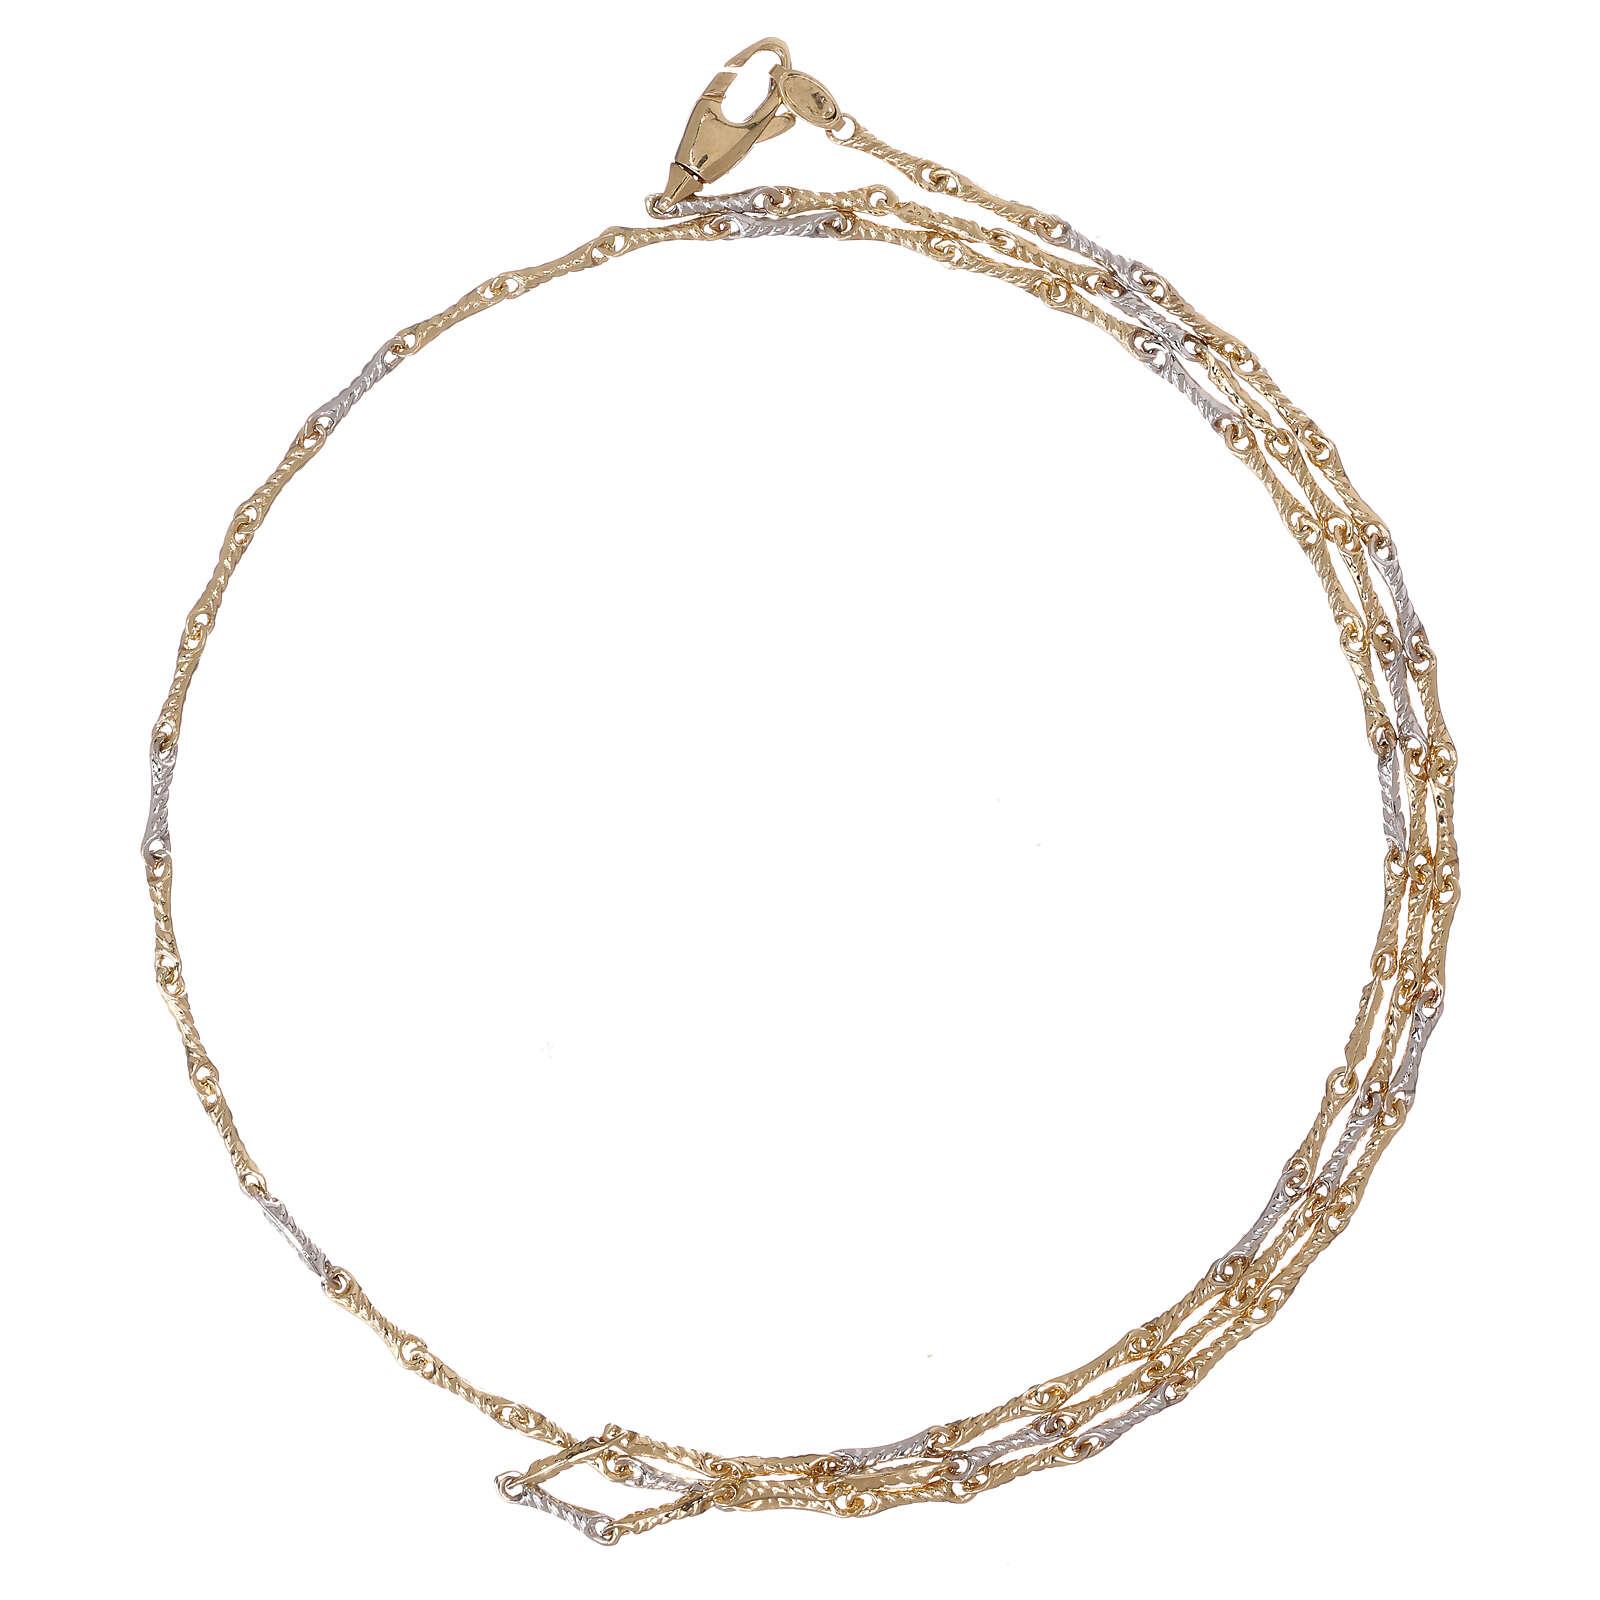 Catena chiodino ritorto oro giallo 18 carati 50 cm 4